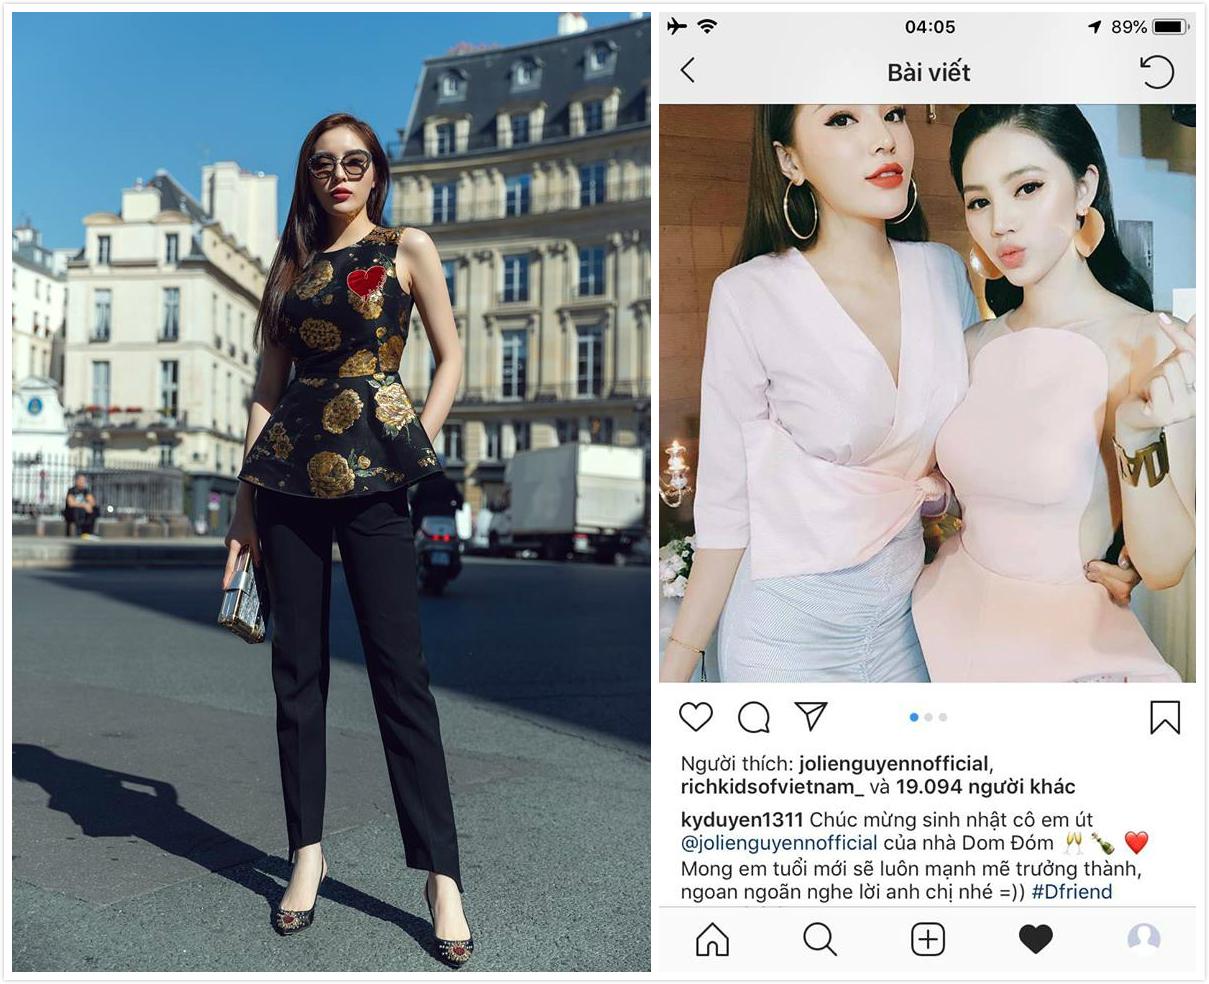 """Lên tầm cao mới từ Paris Fashion Week, Kỳ Duyên lại bị chỉ trích vì vội """"quay lưng"""" với chị em thân thiết"""